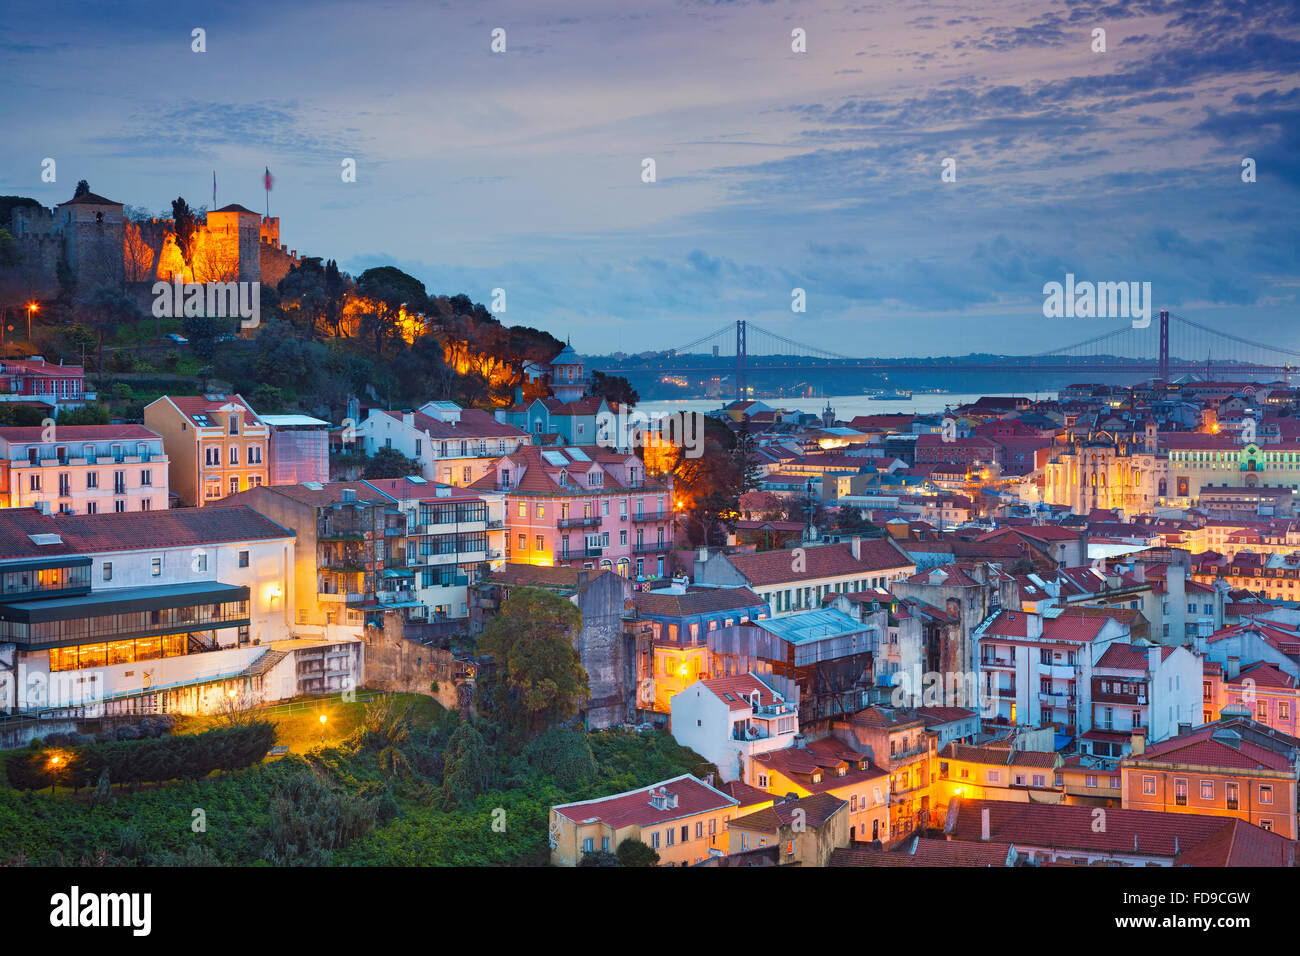 Lisbona. Immagine di Lisbona, Portogallo durante il blu crepuscolo ora. Immagini Stock